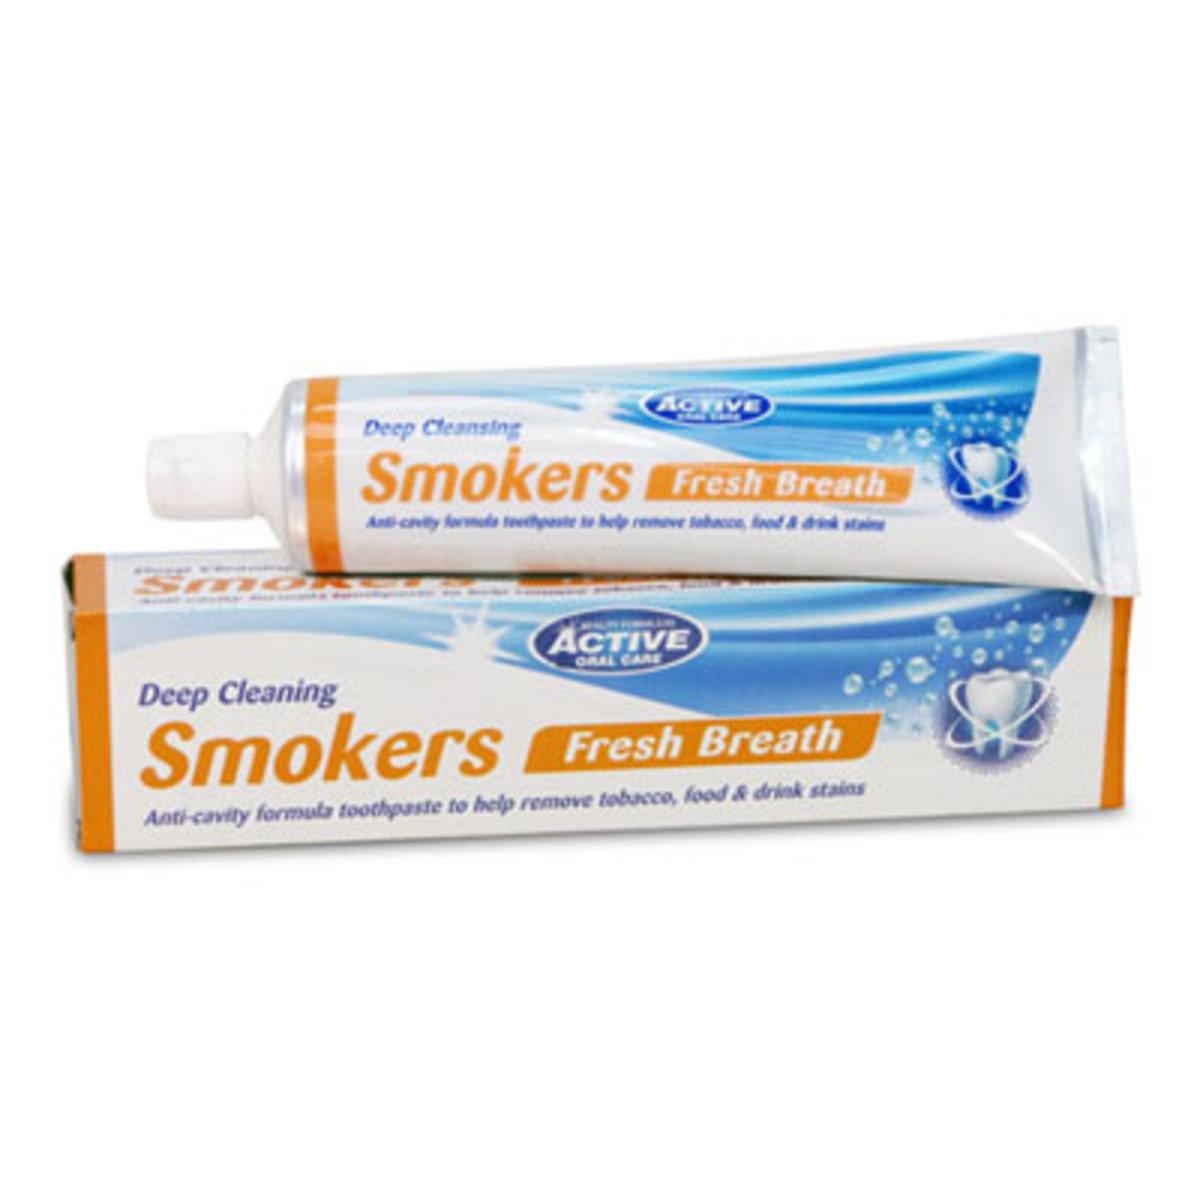 吸煙者口氣清新牙膏